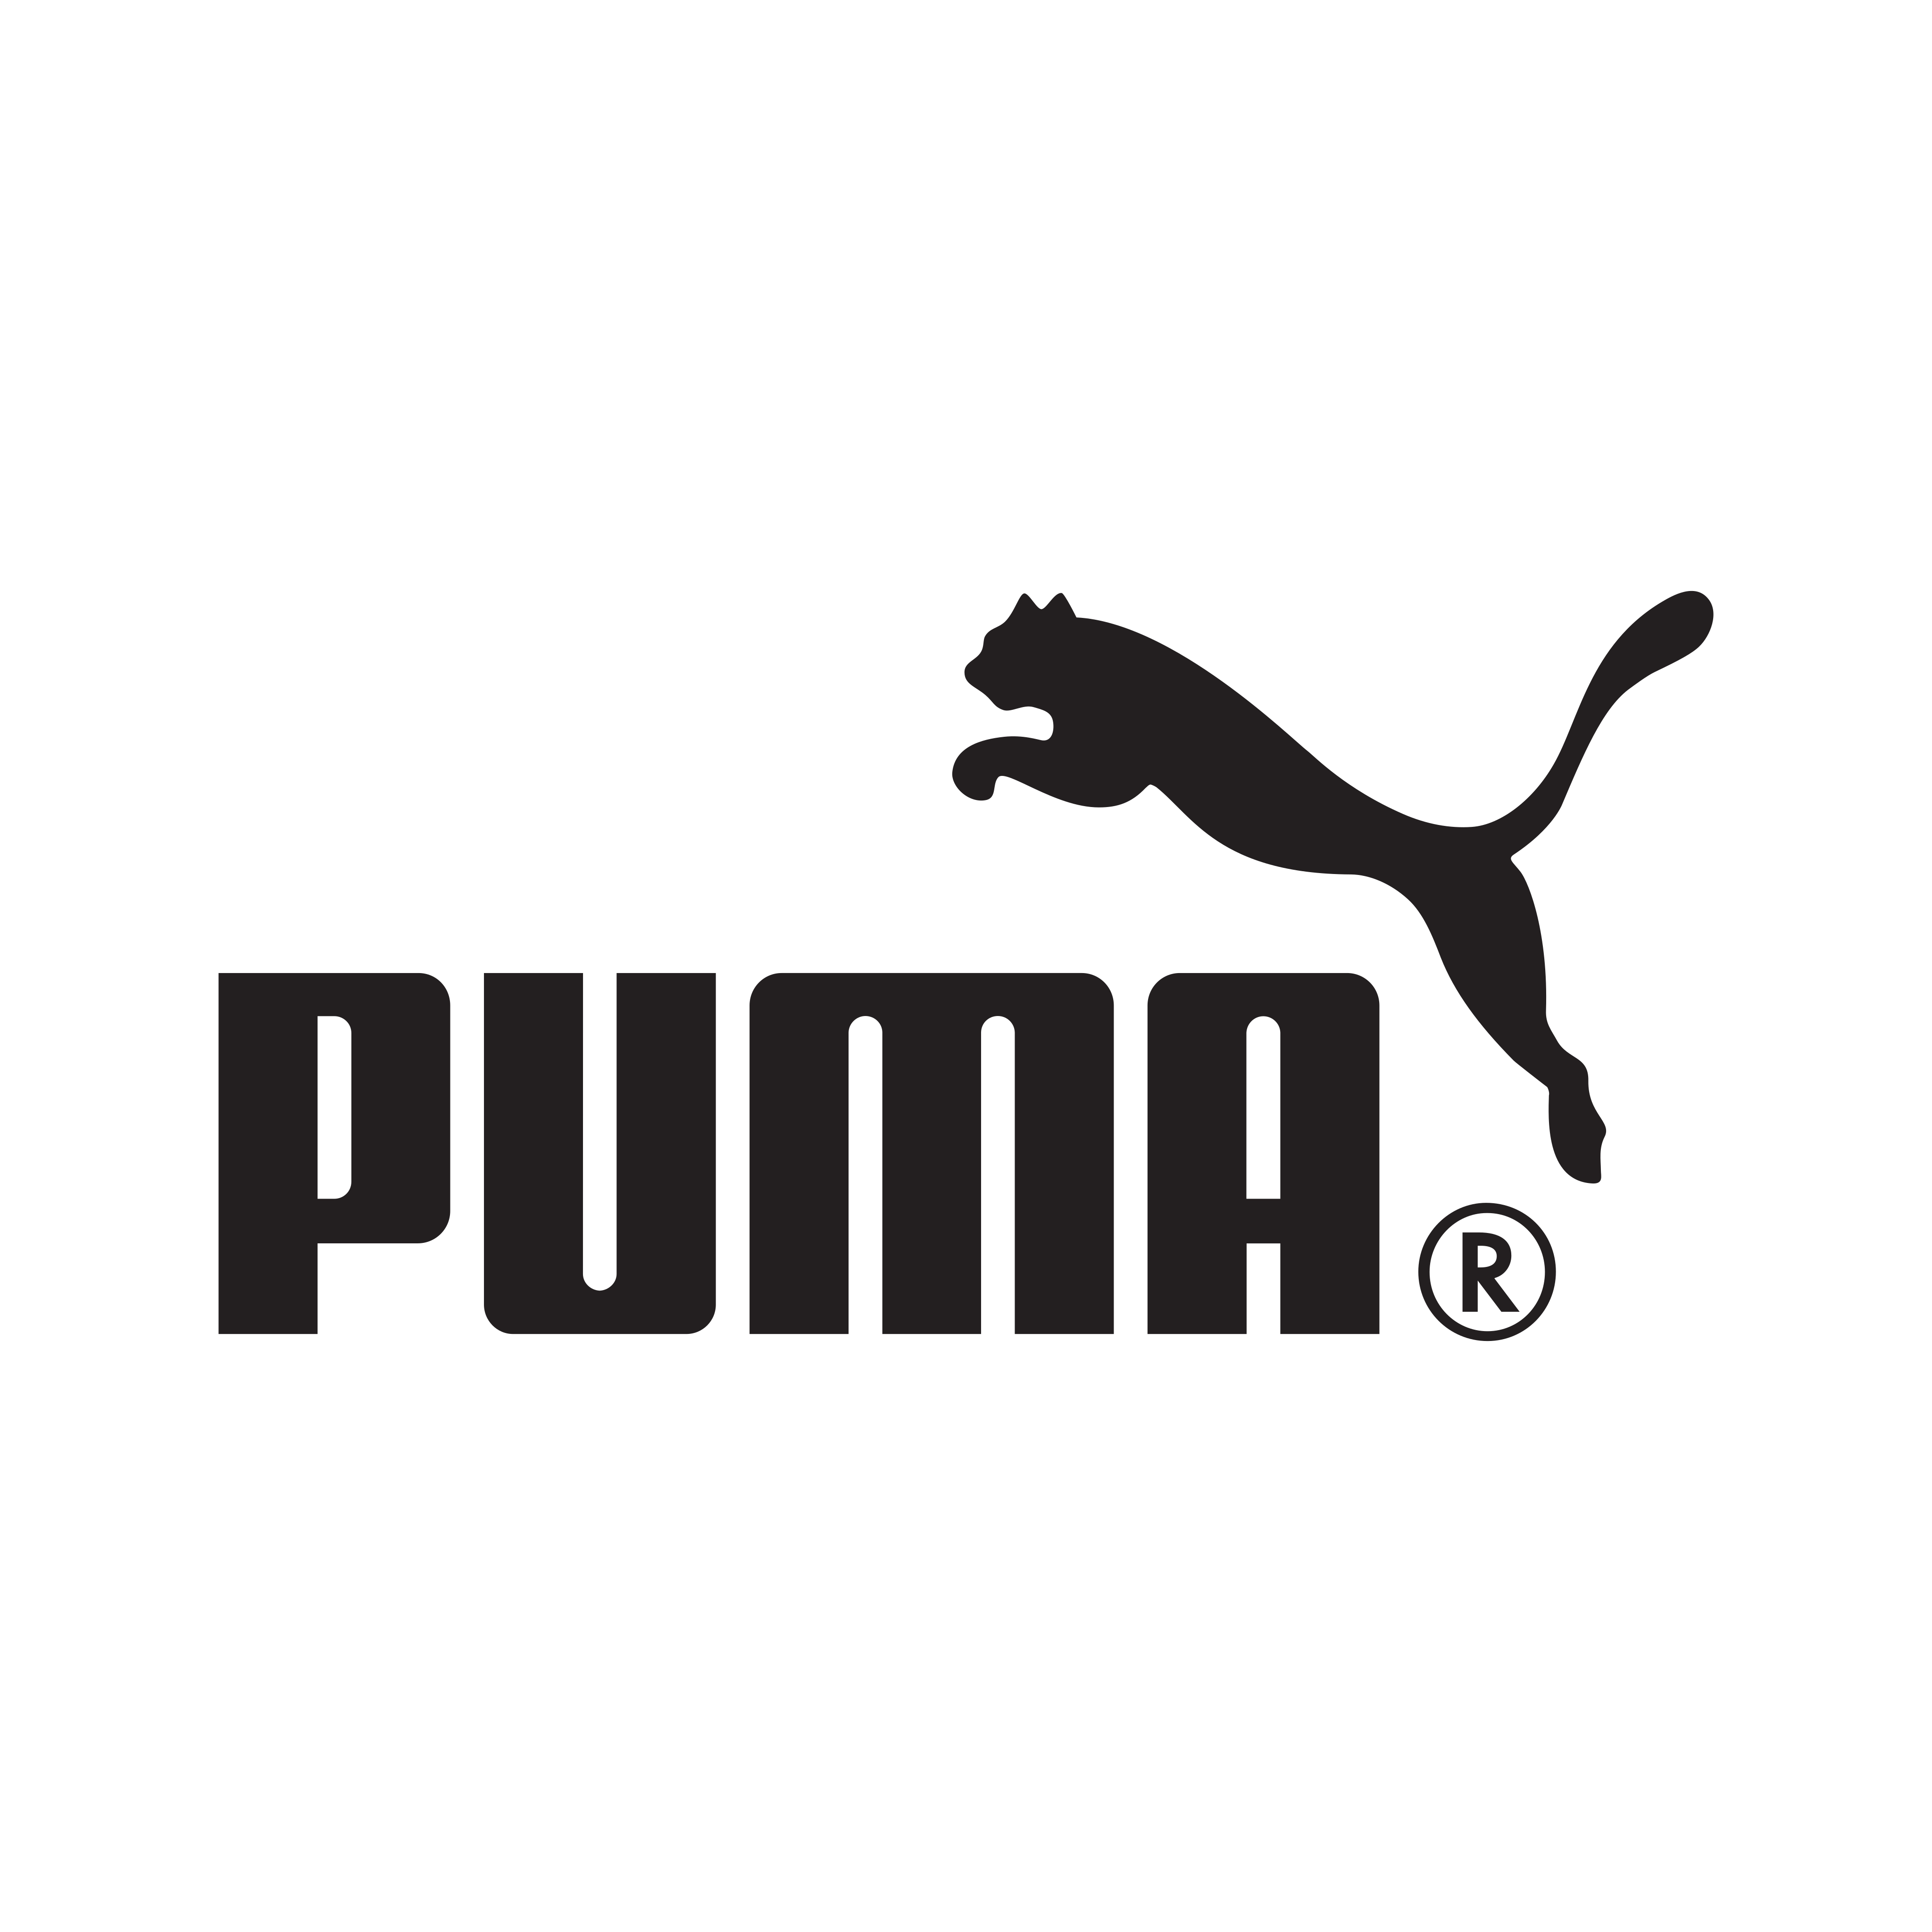 puma logo 0 - Puma Logo